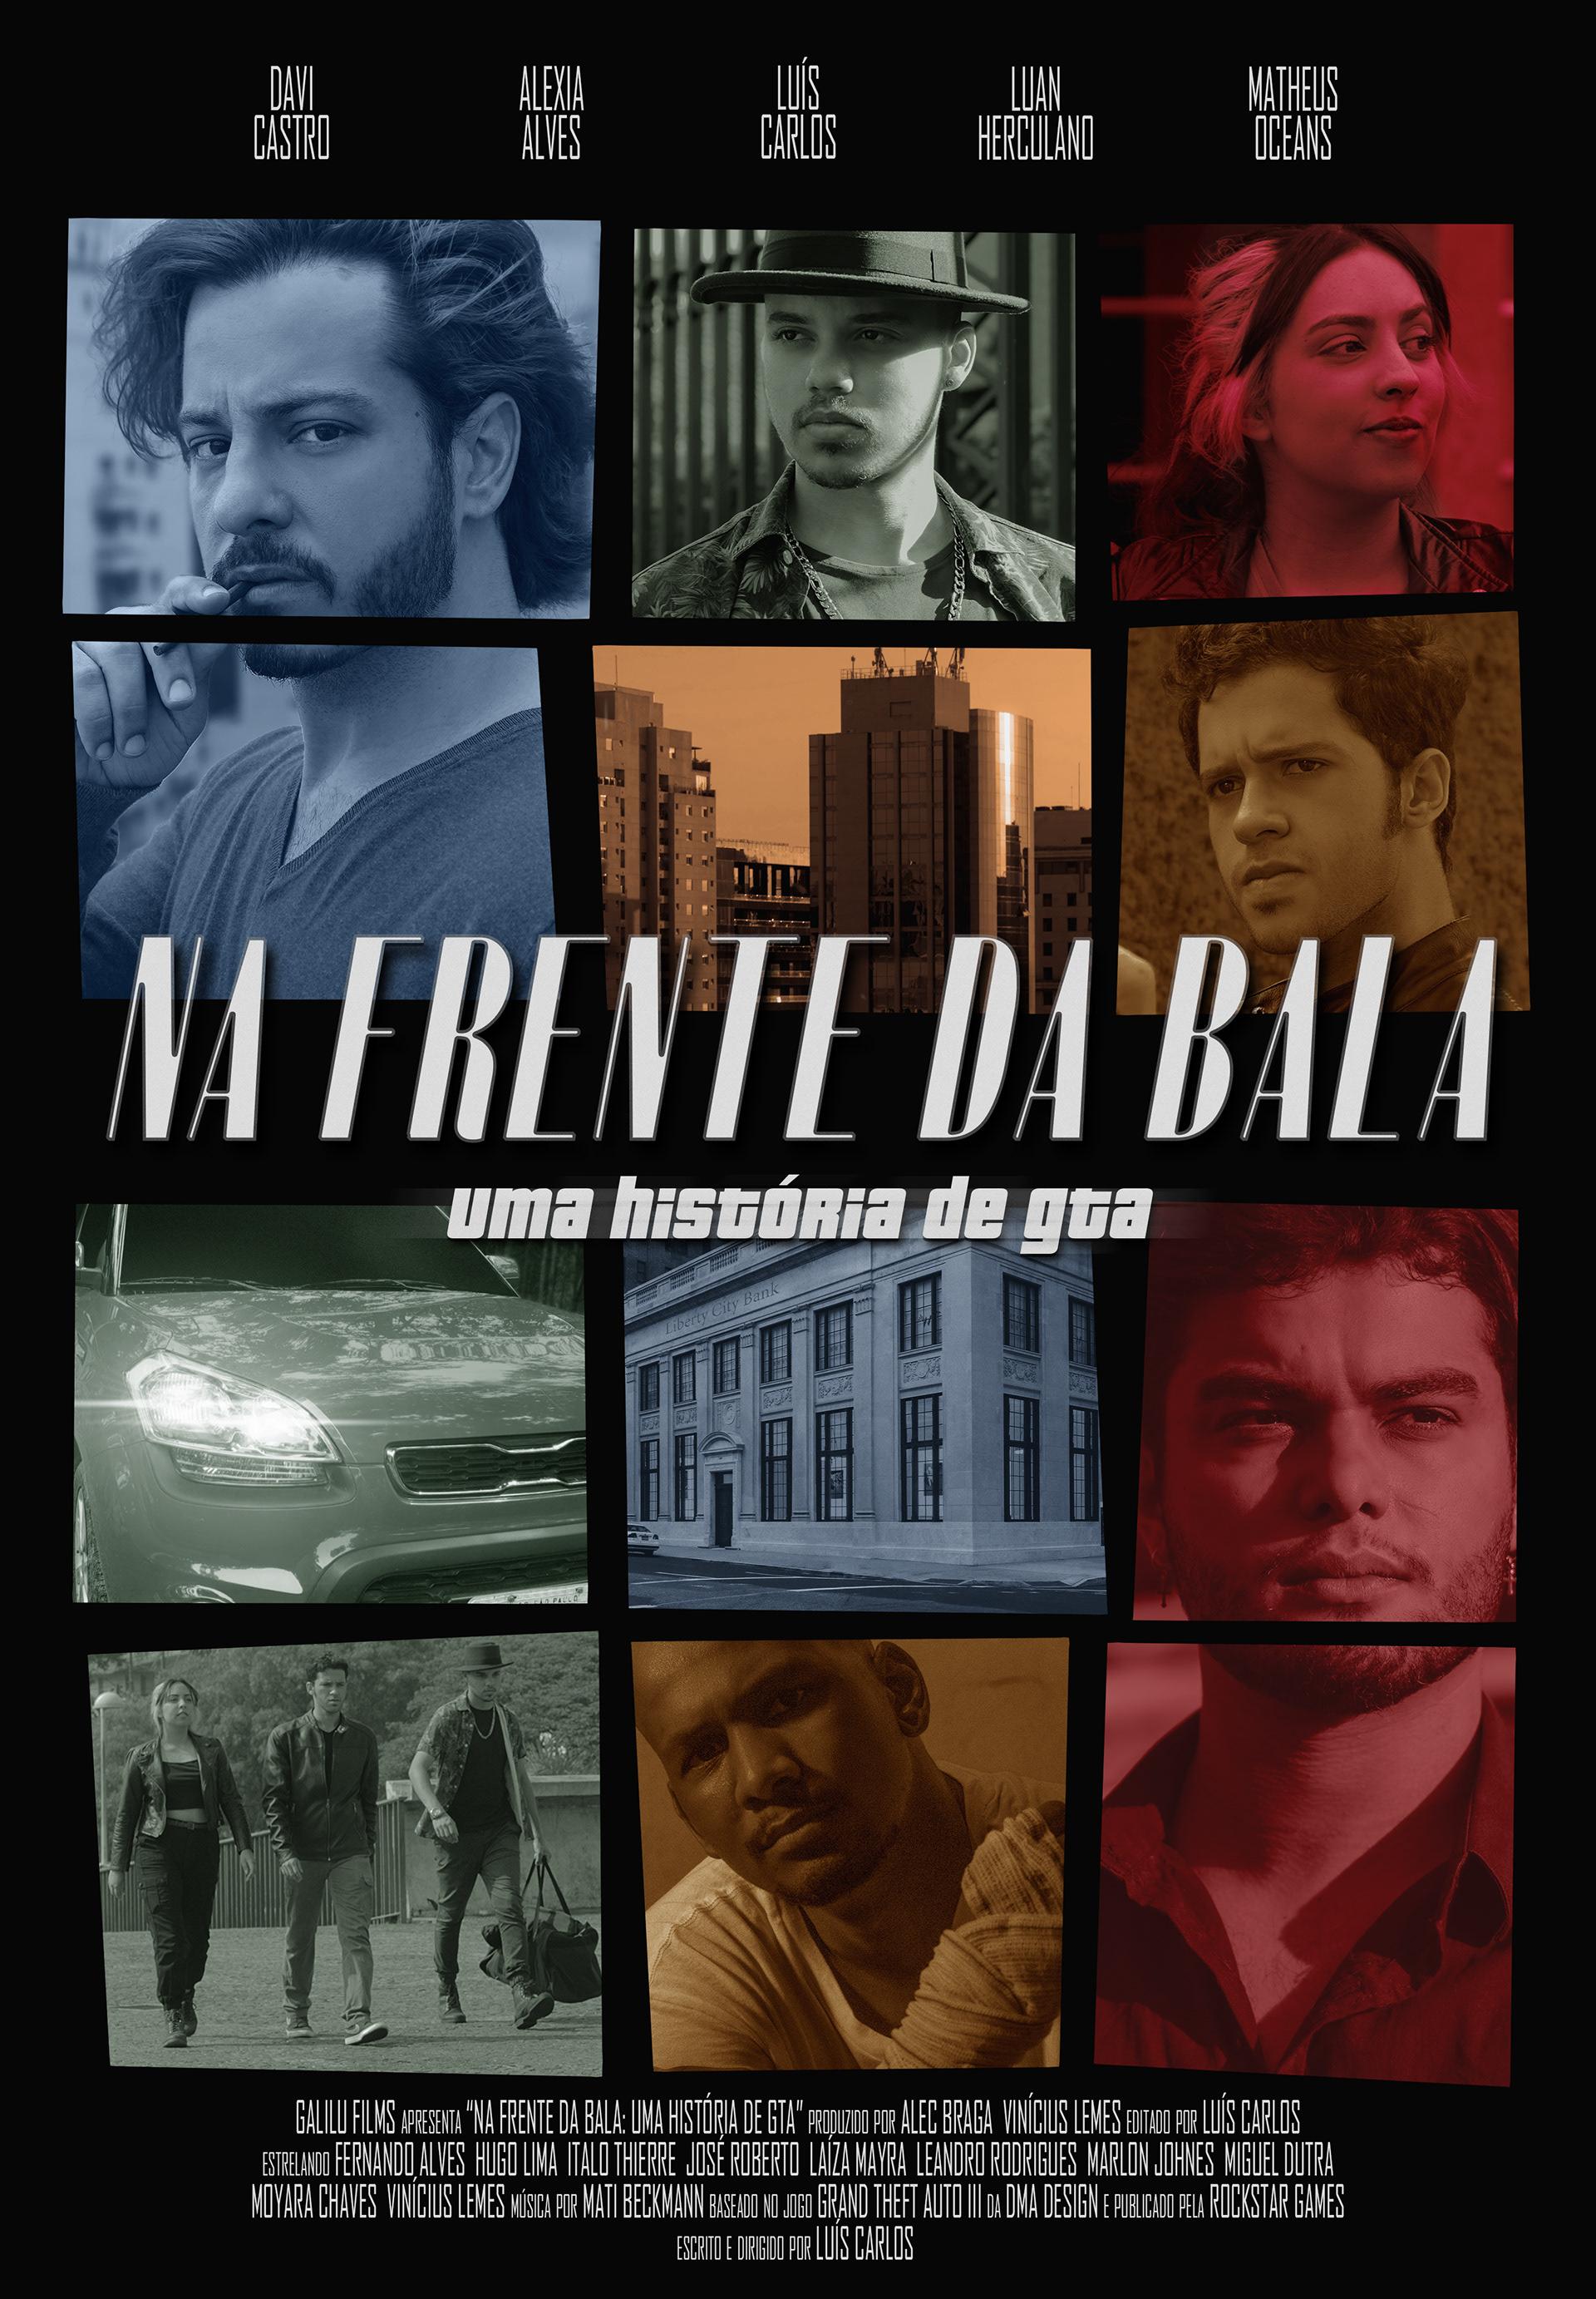 GTA: Na frente da Bala | Brasileiros estão criando filme inspirado em GTA 3 | Gaming Lab